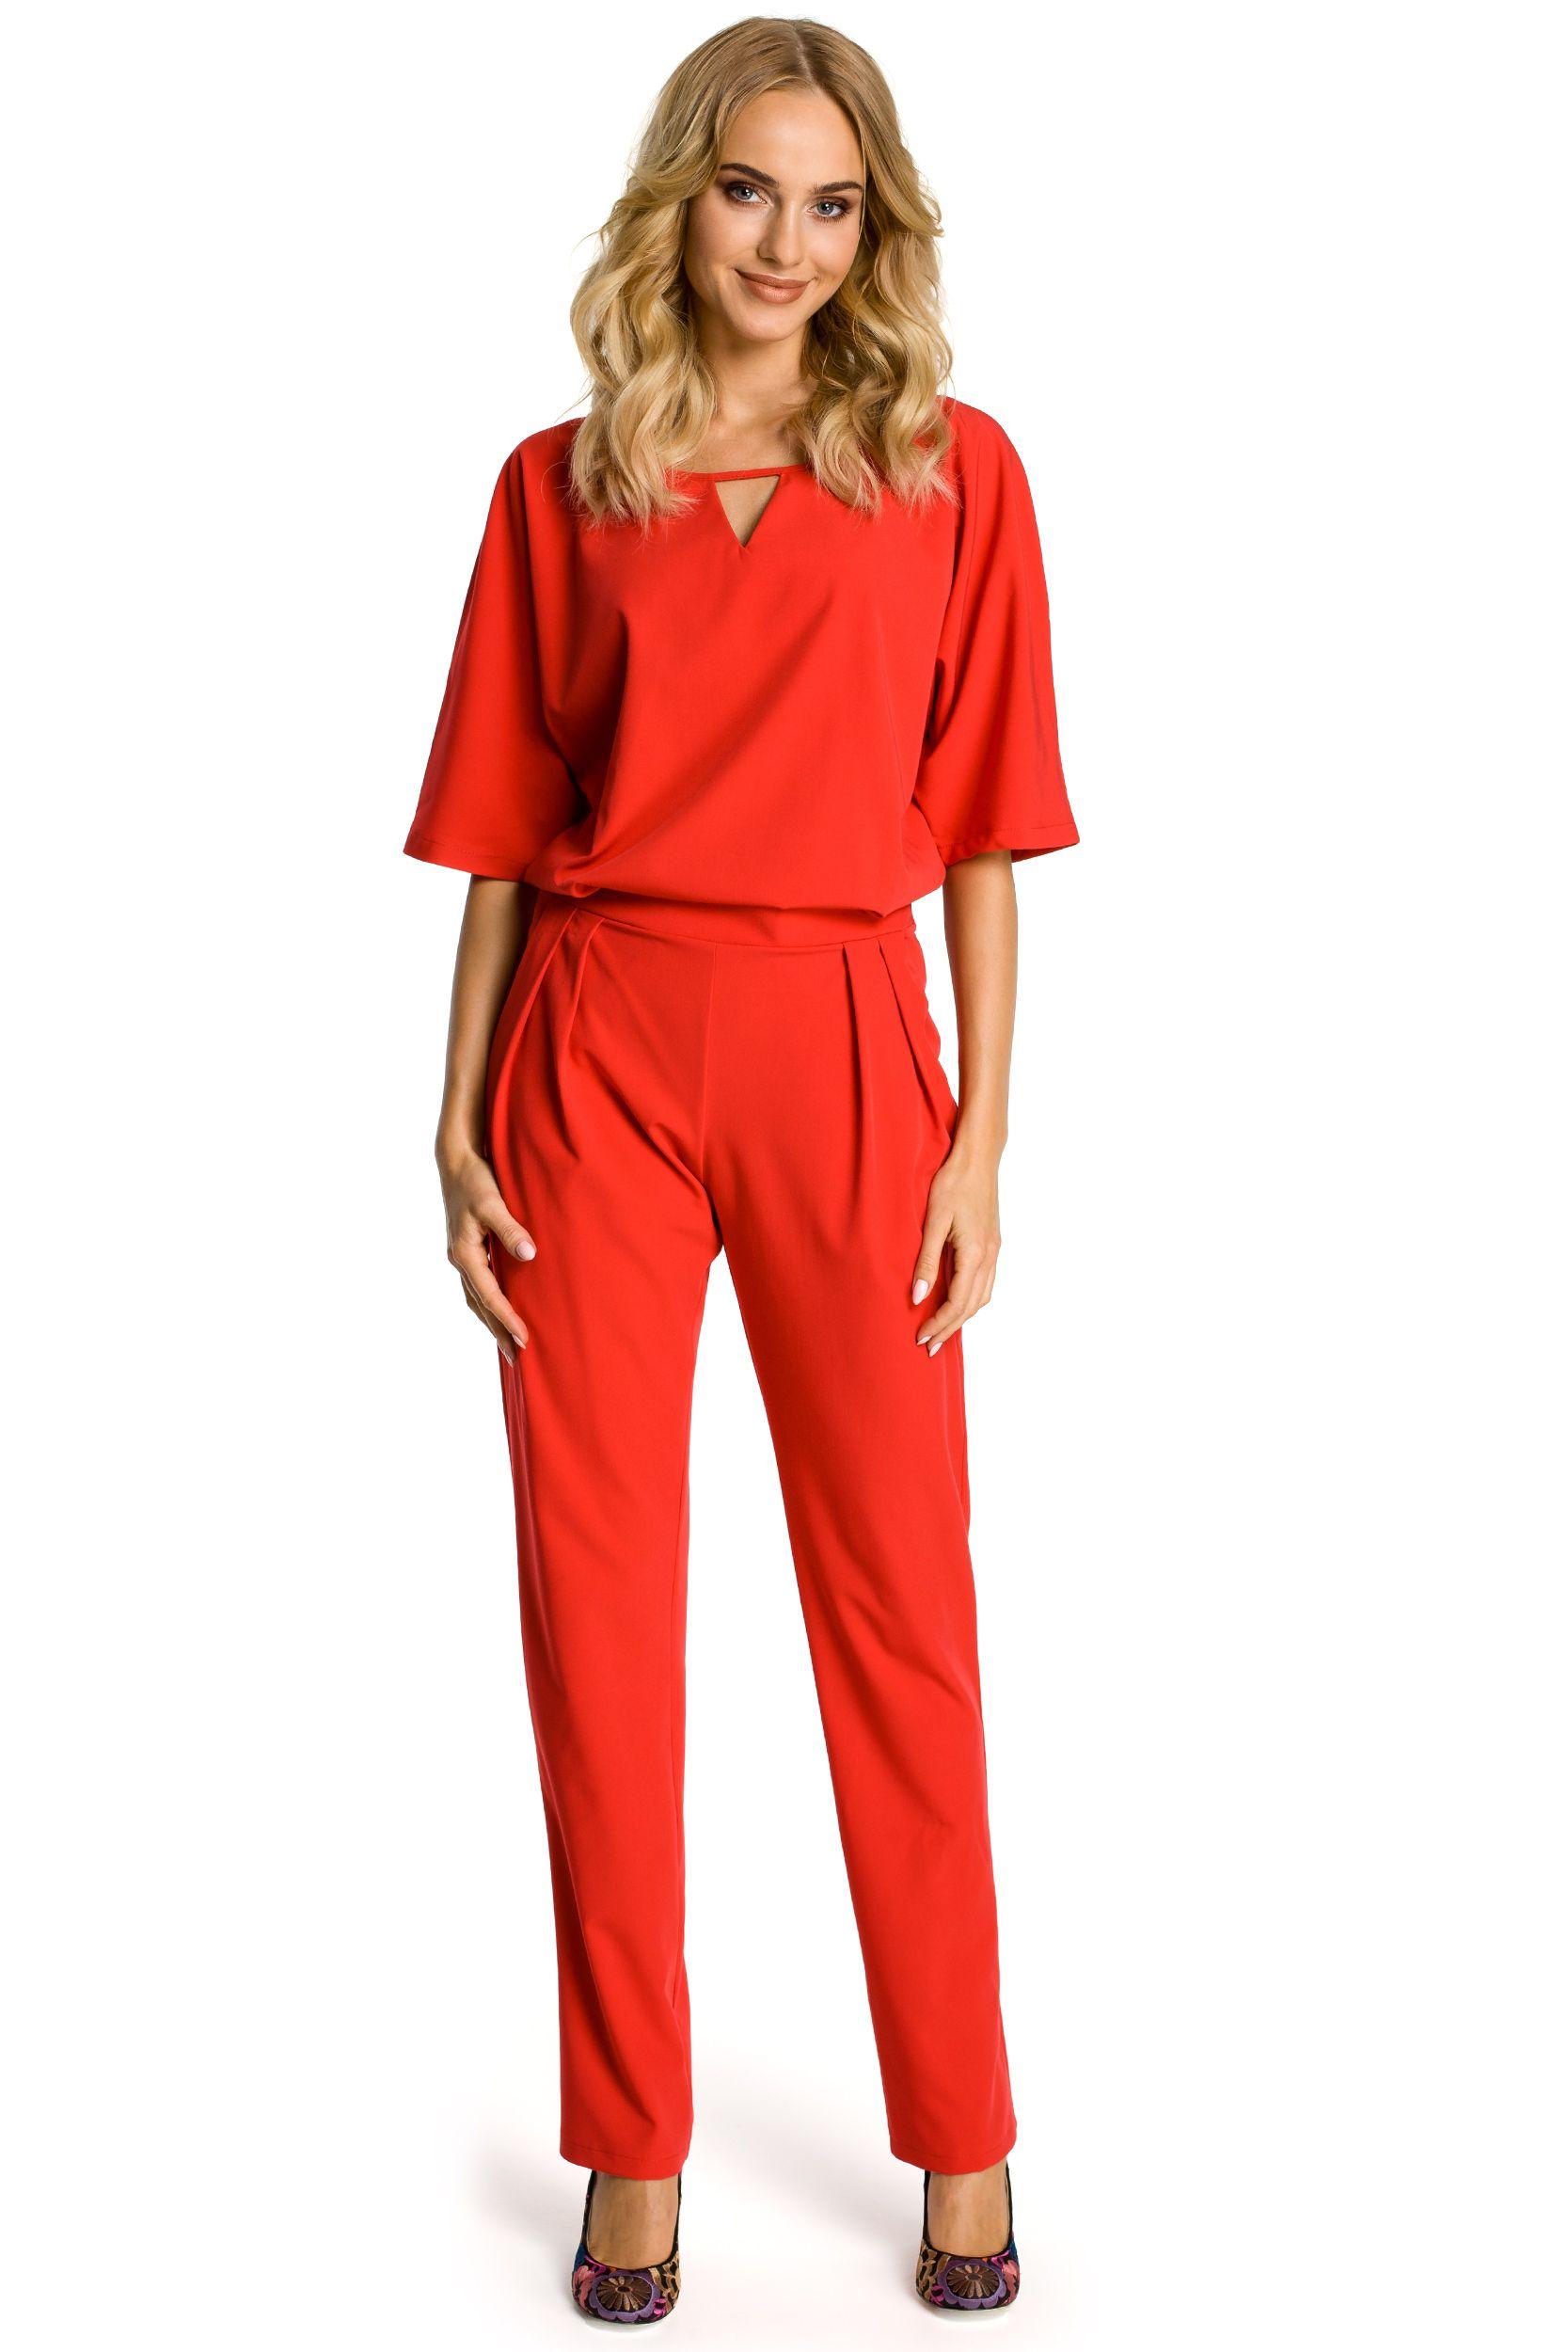 235e8711a3 Czerwony kombinezon damski  odzieżxl  kombinezon  plussize  elegancki   wesele  chrzest  komunia  xl  odzieżnawesele